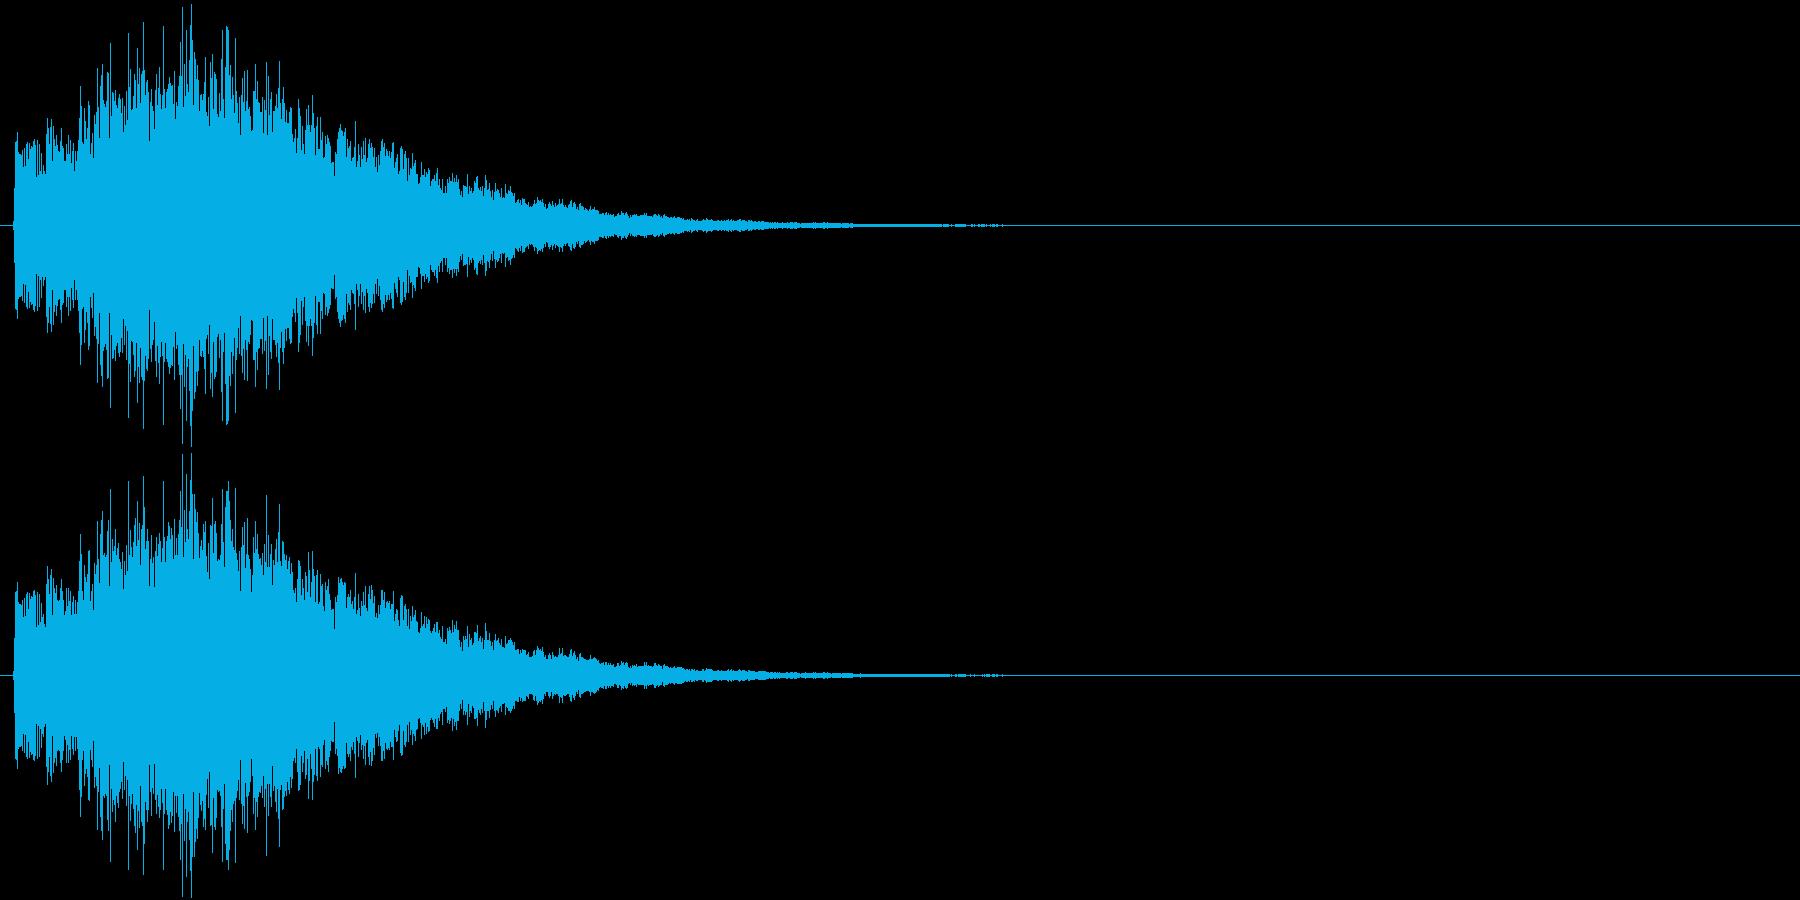 キラキラキラ…(ミステリアス、決定音)の再生済みの波形